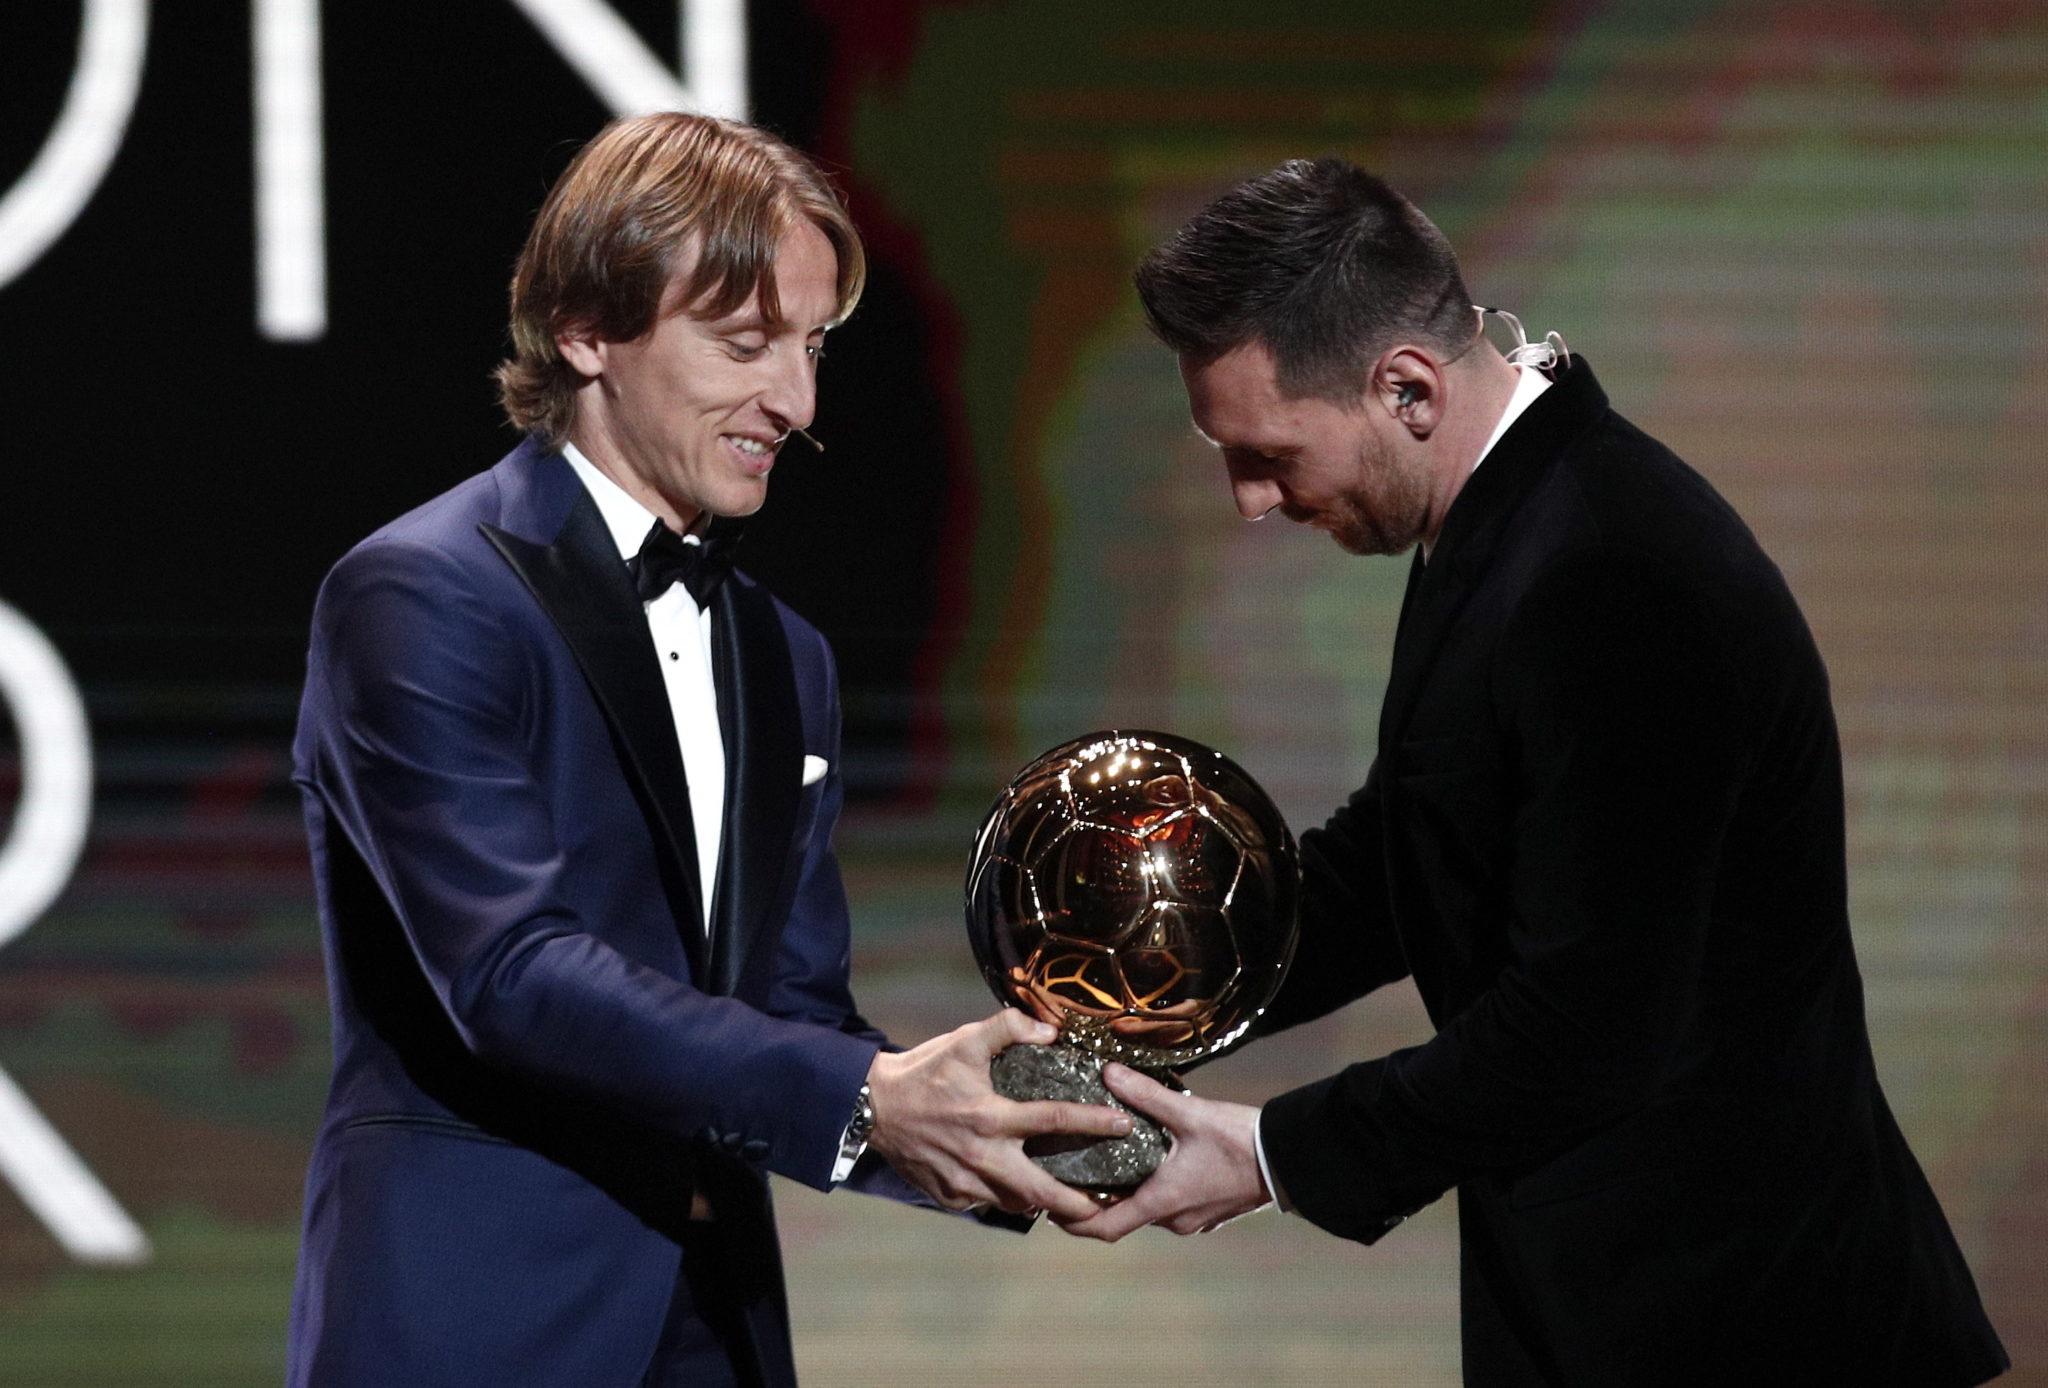 Złota Piłka dla Lionela Messiego. Argentyńczyk został po raz szósty wybrany najlepszym piłkarzem w plebiscycie magazynu